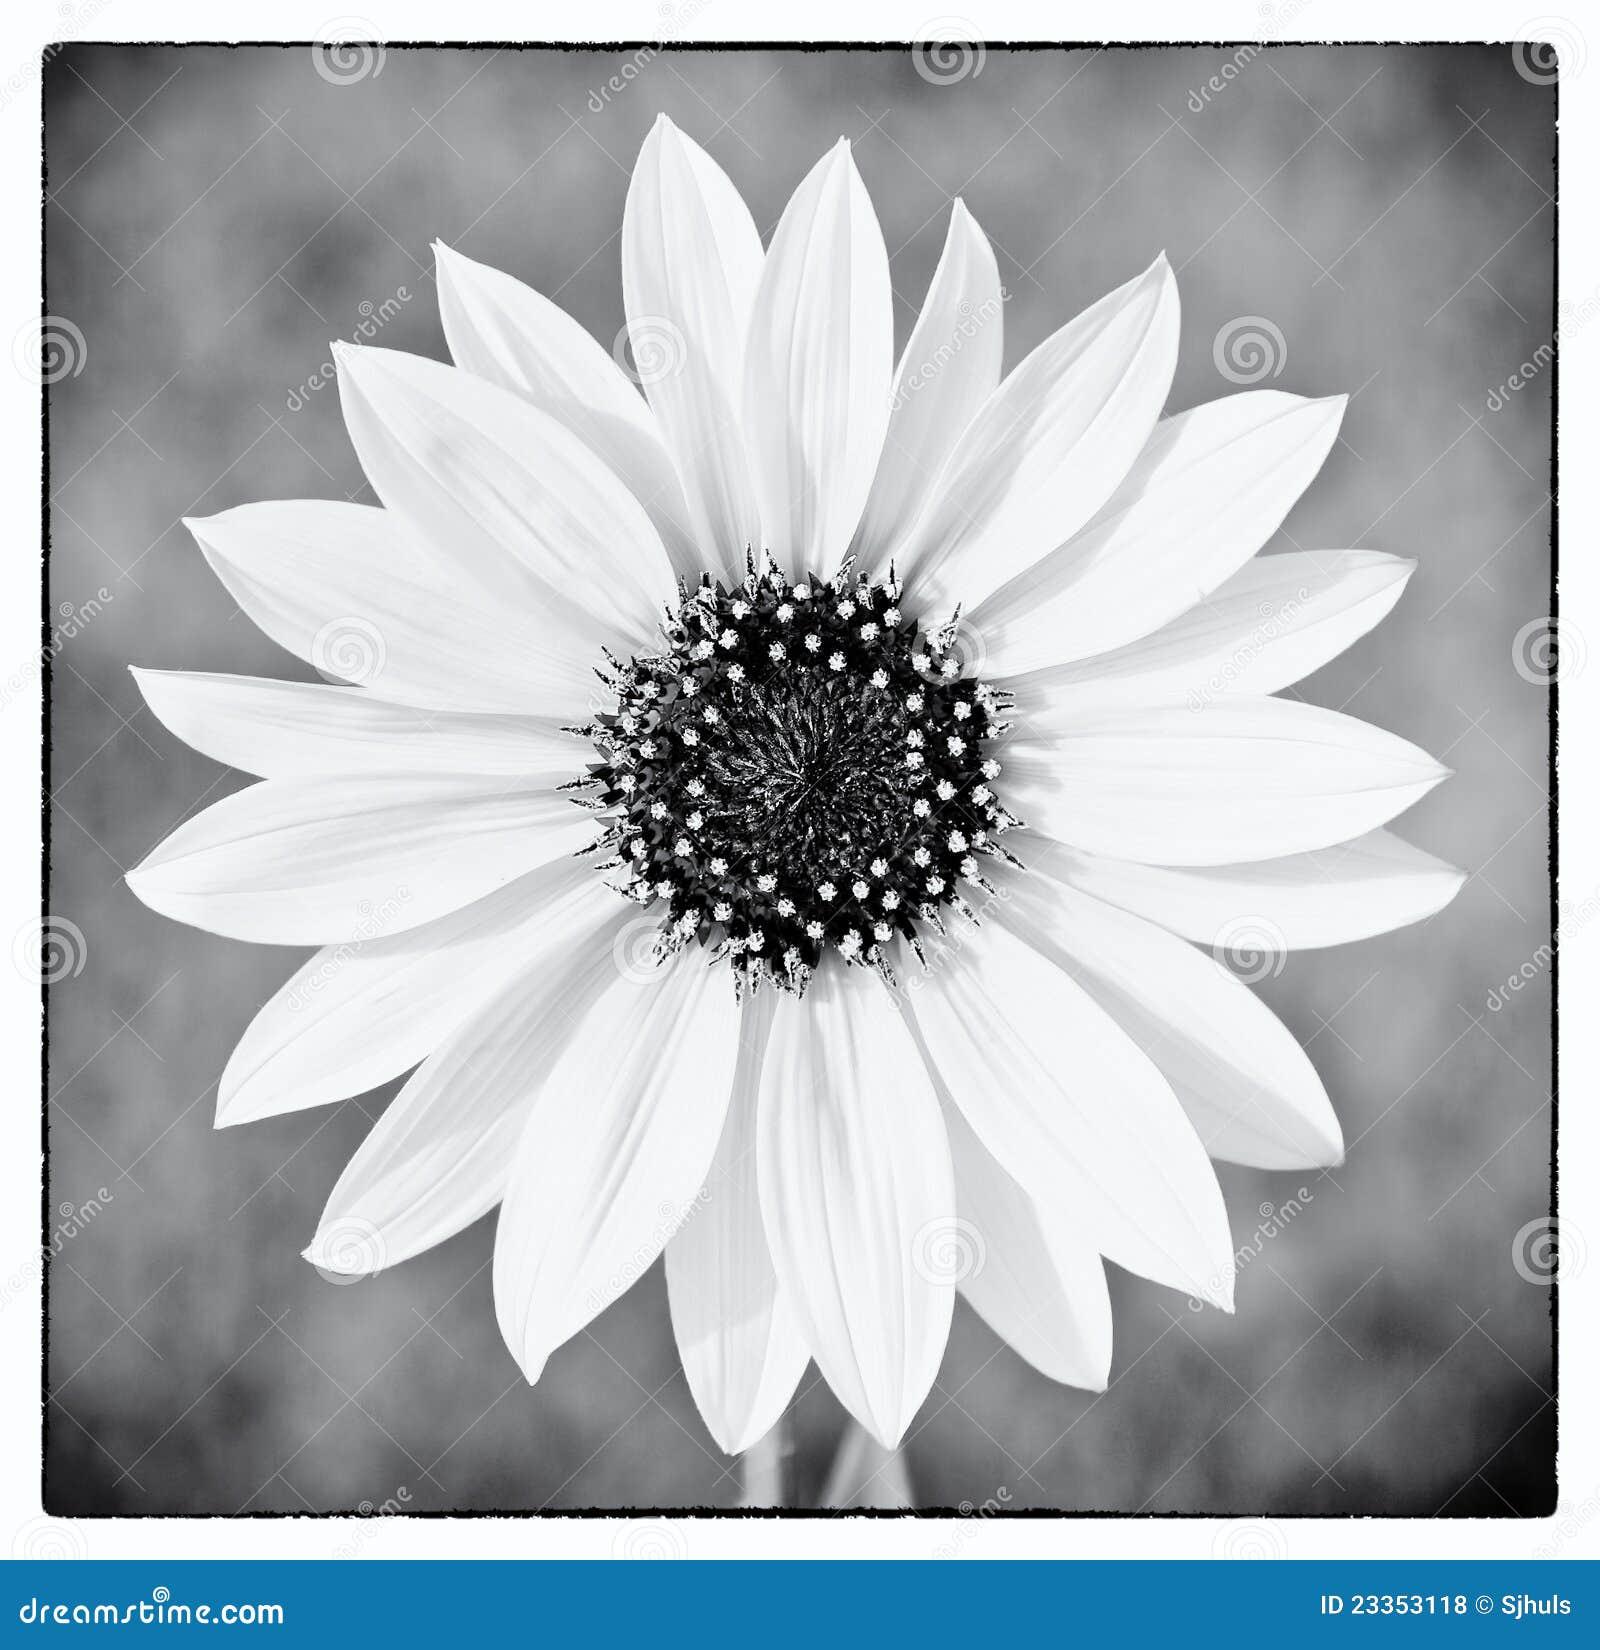 Girasol salvaje en blanco y negro fotos de archivo libres for Imagenes bonitas en blanco y negro